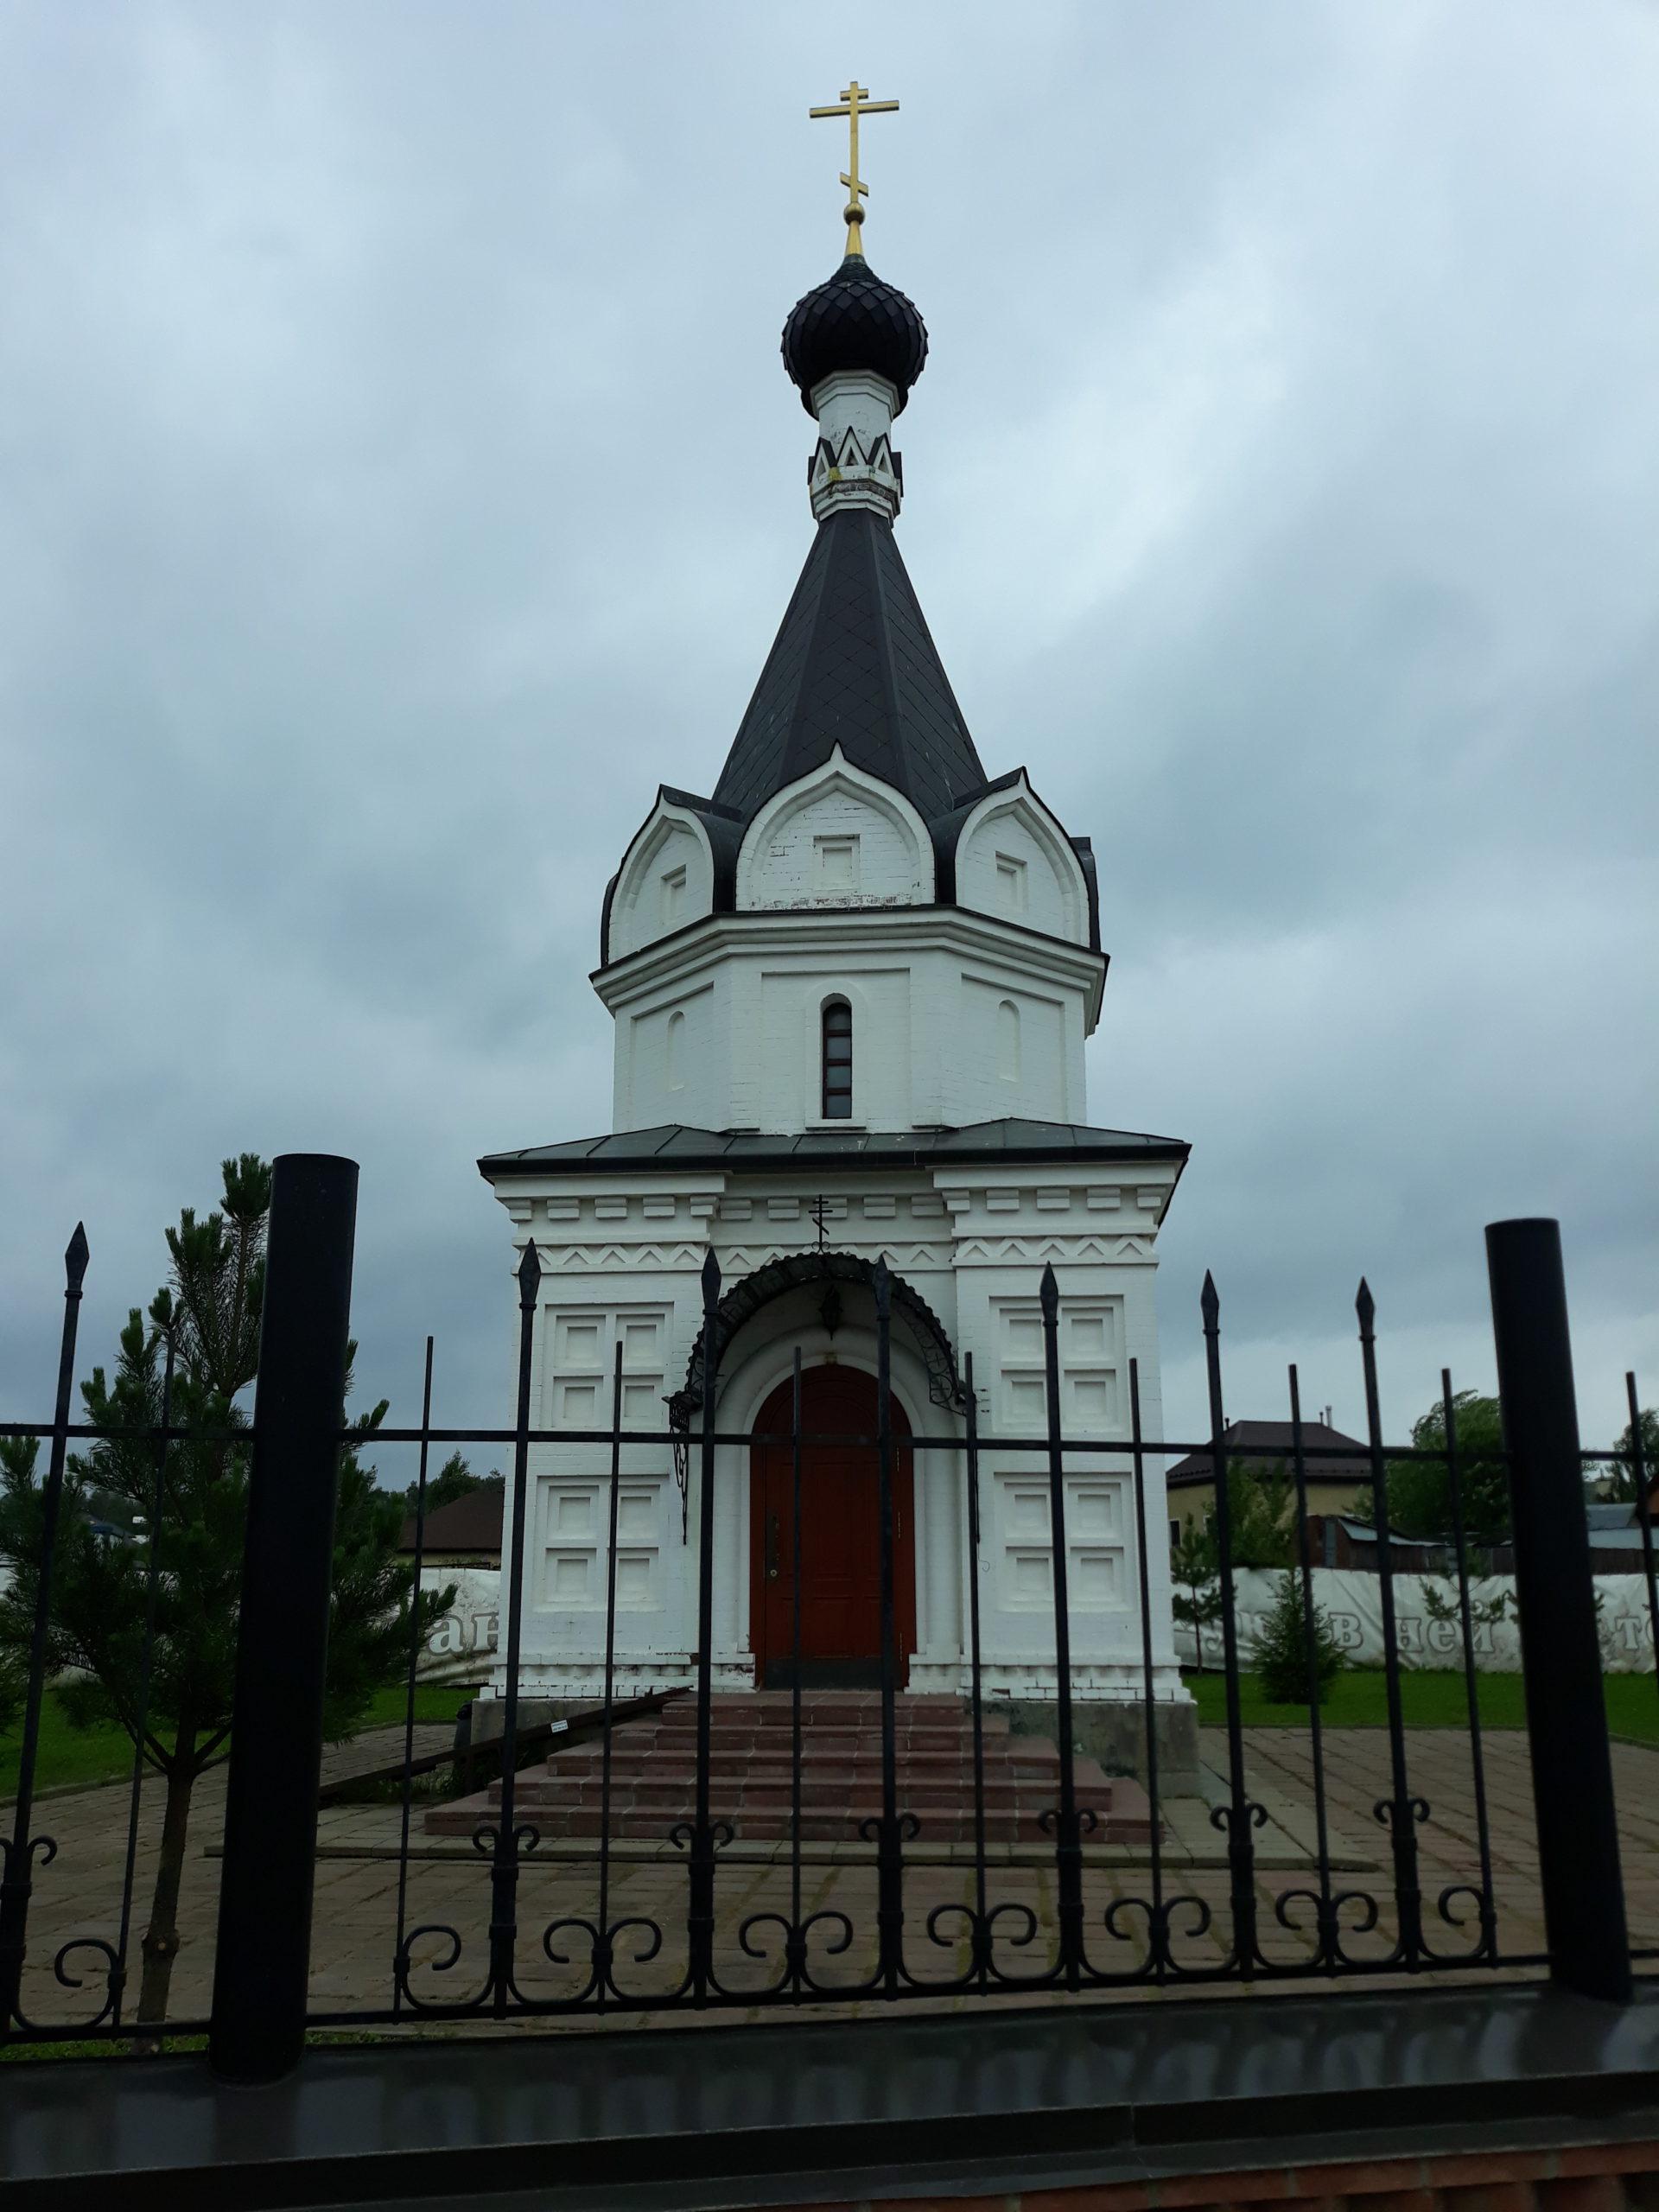 Часовня в честь Успения Пресвятой Богородицы находится рядом с кладбищем в посёлке Вешки и приписана к храму святого мч Уара. Часовня открыта ежедневно, кроме зимнего периода, еженедельно по субботам в 11.00 утра в ней совершаются панихиды